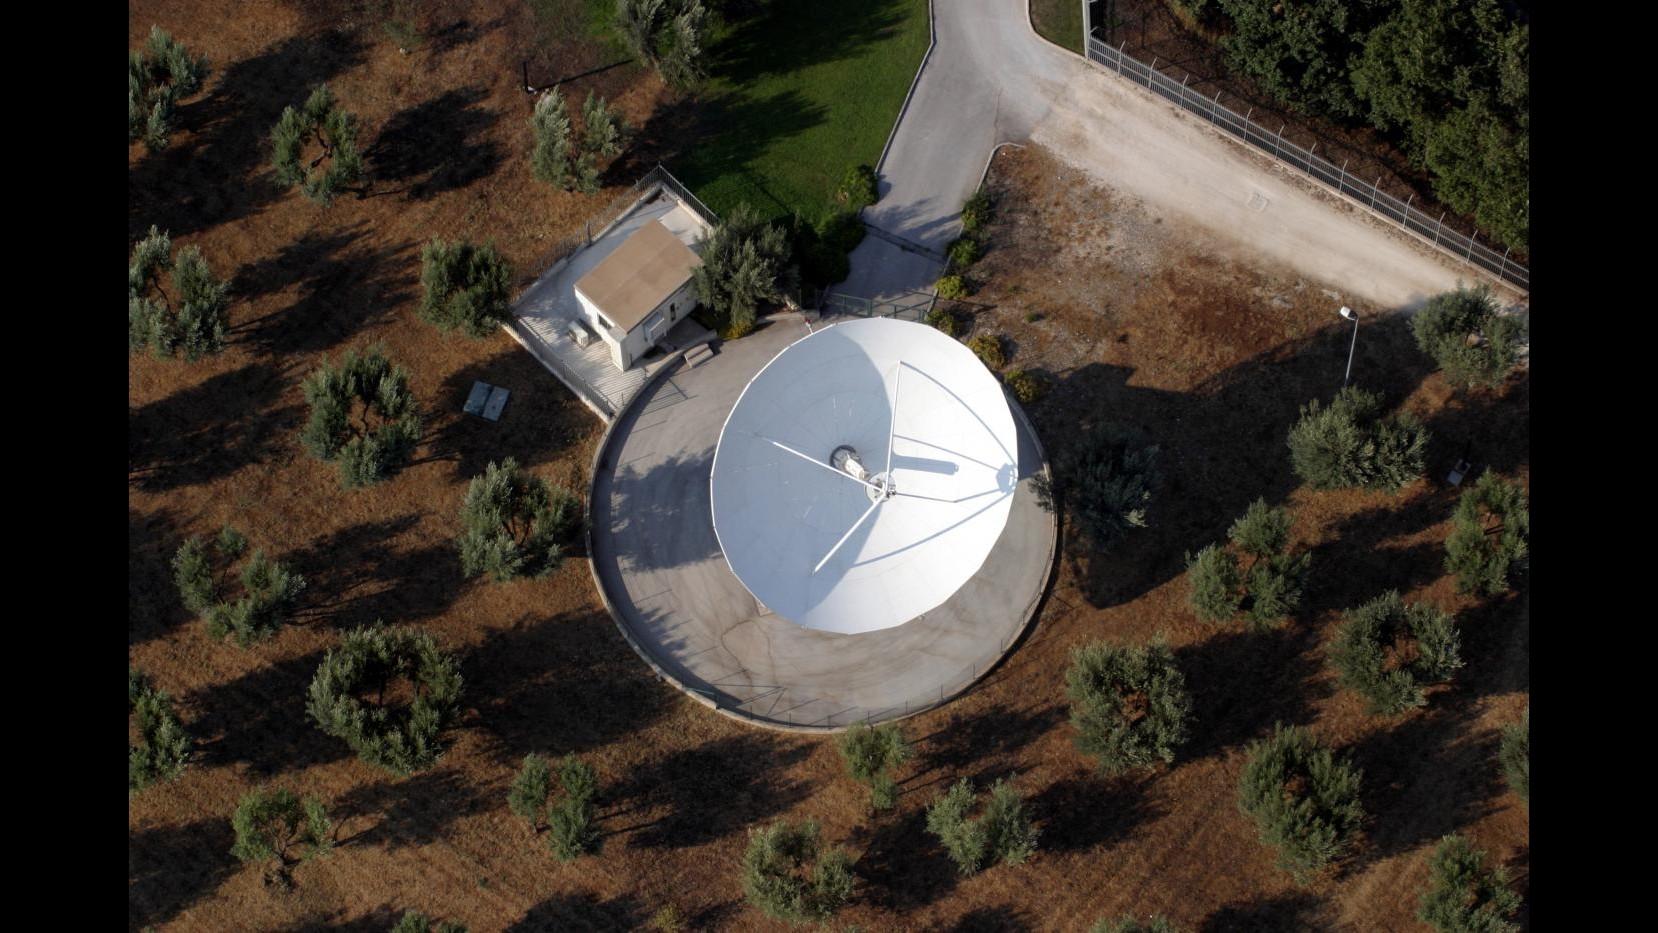 Radiotelescopio più grande al mondo: Italia candidata a guidare progetto